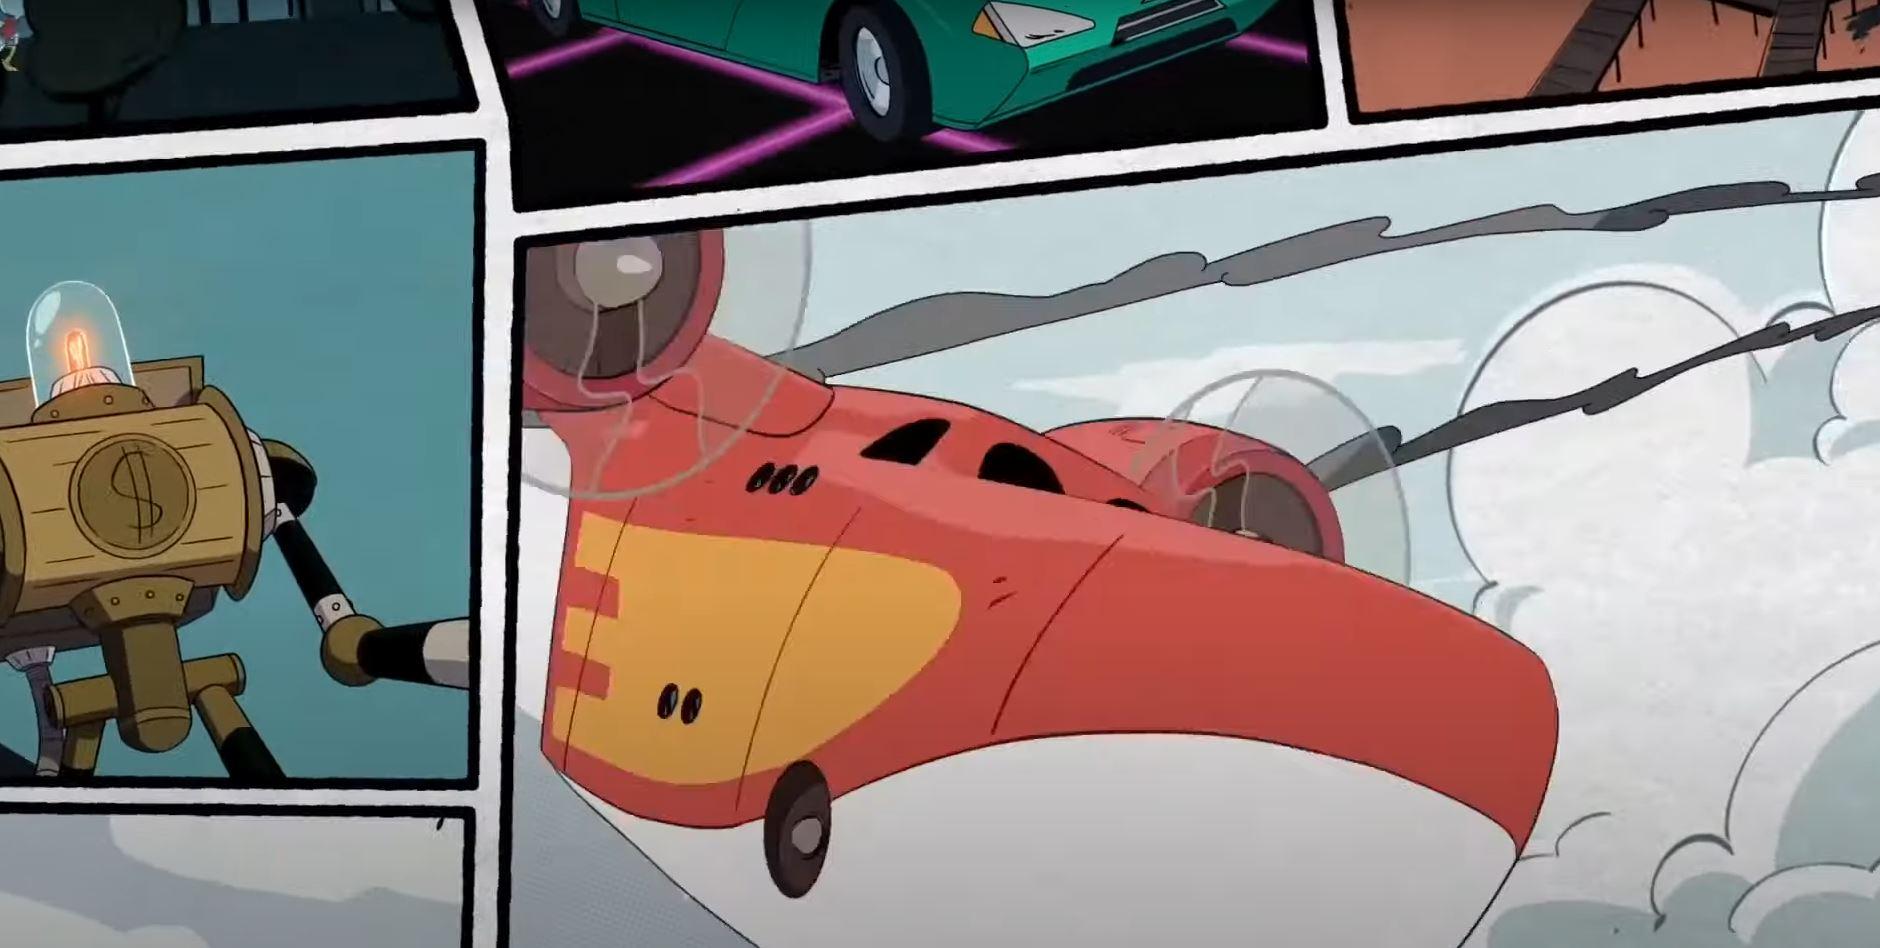 Видео: минутный обзор настольной игры «Утиные истории»